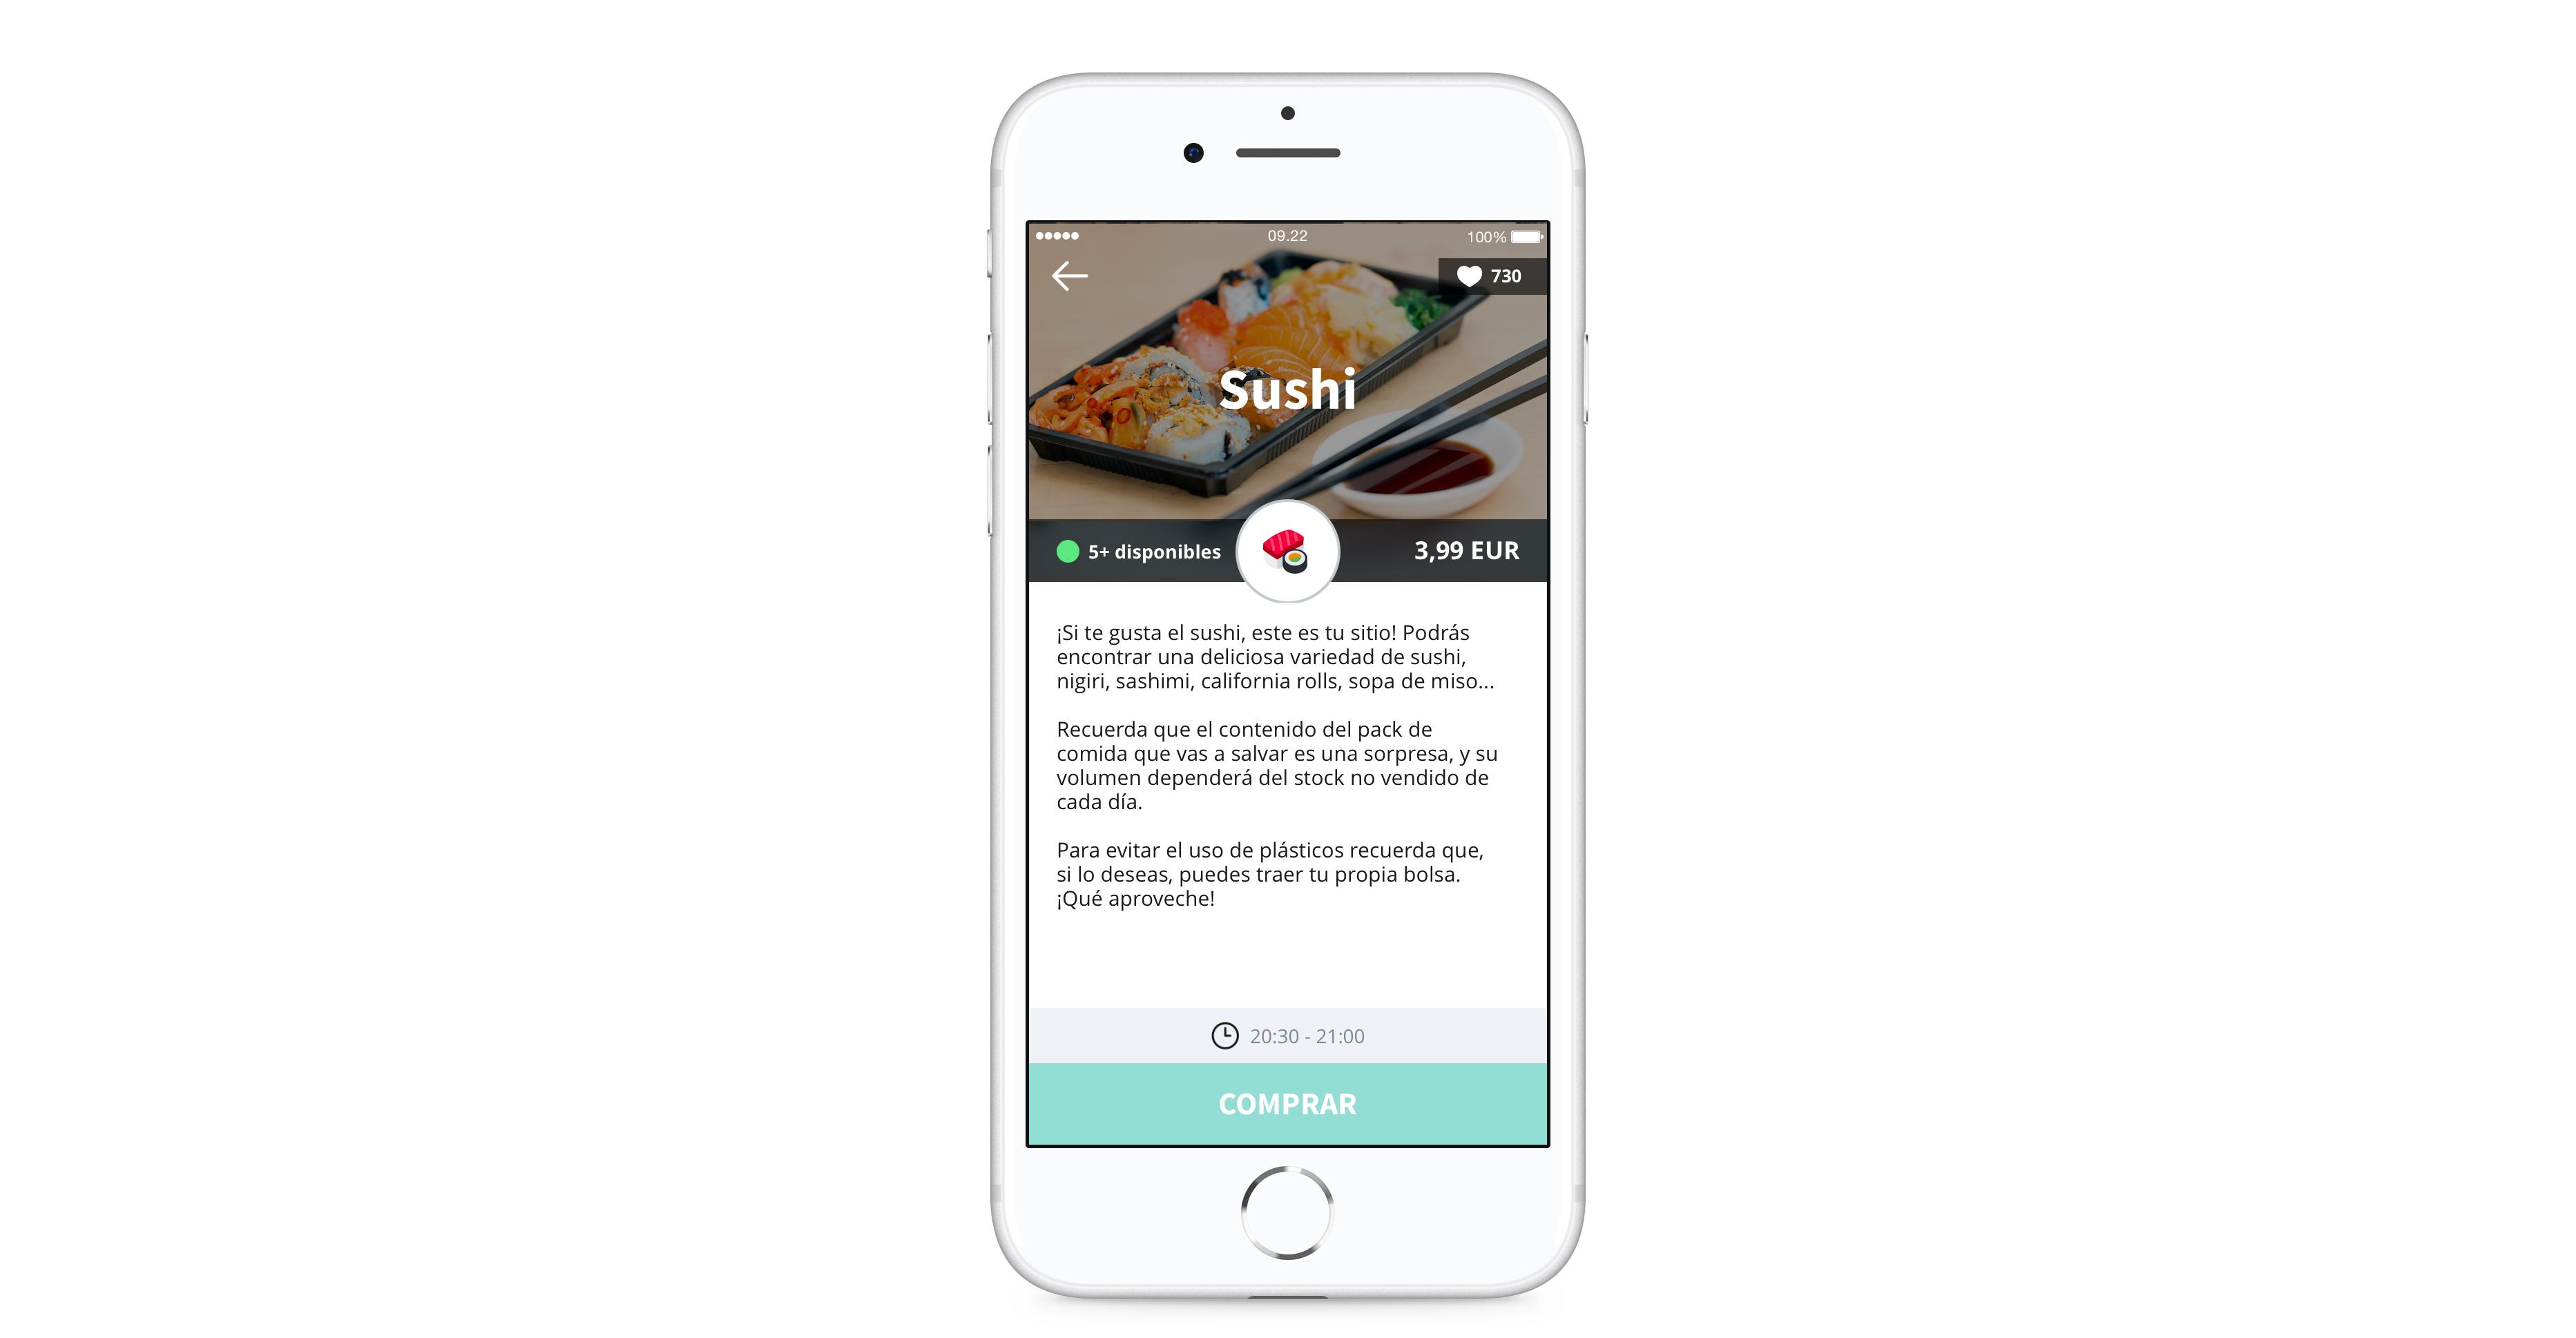 Vista de establecimiento en la app